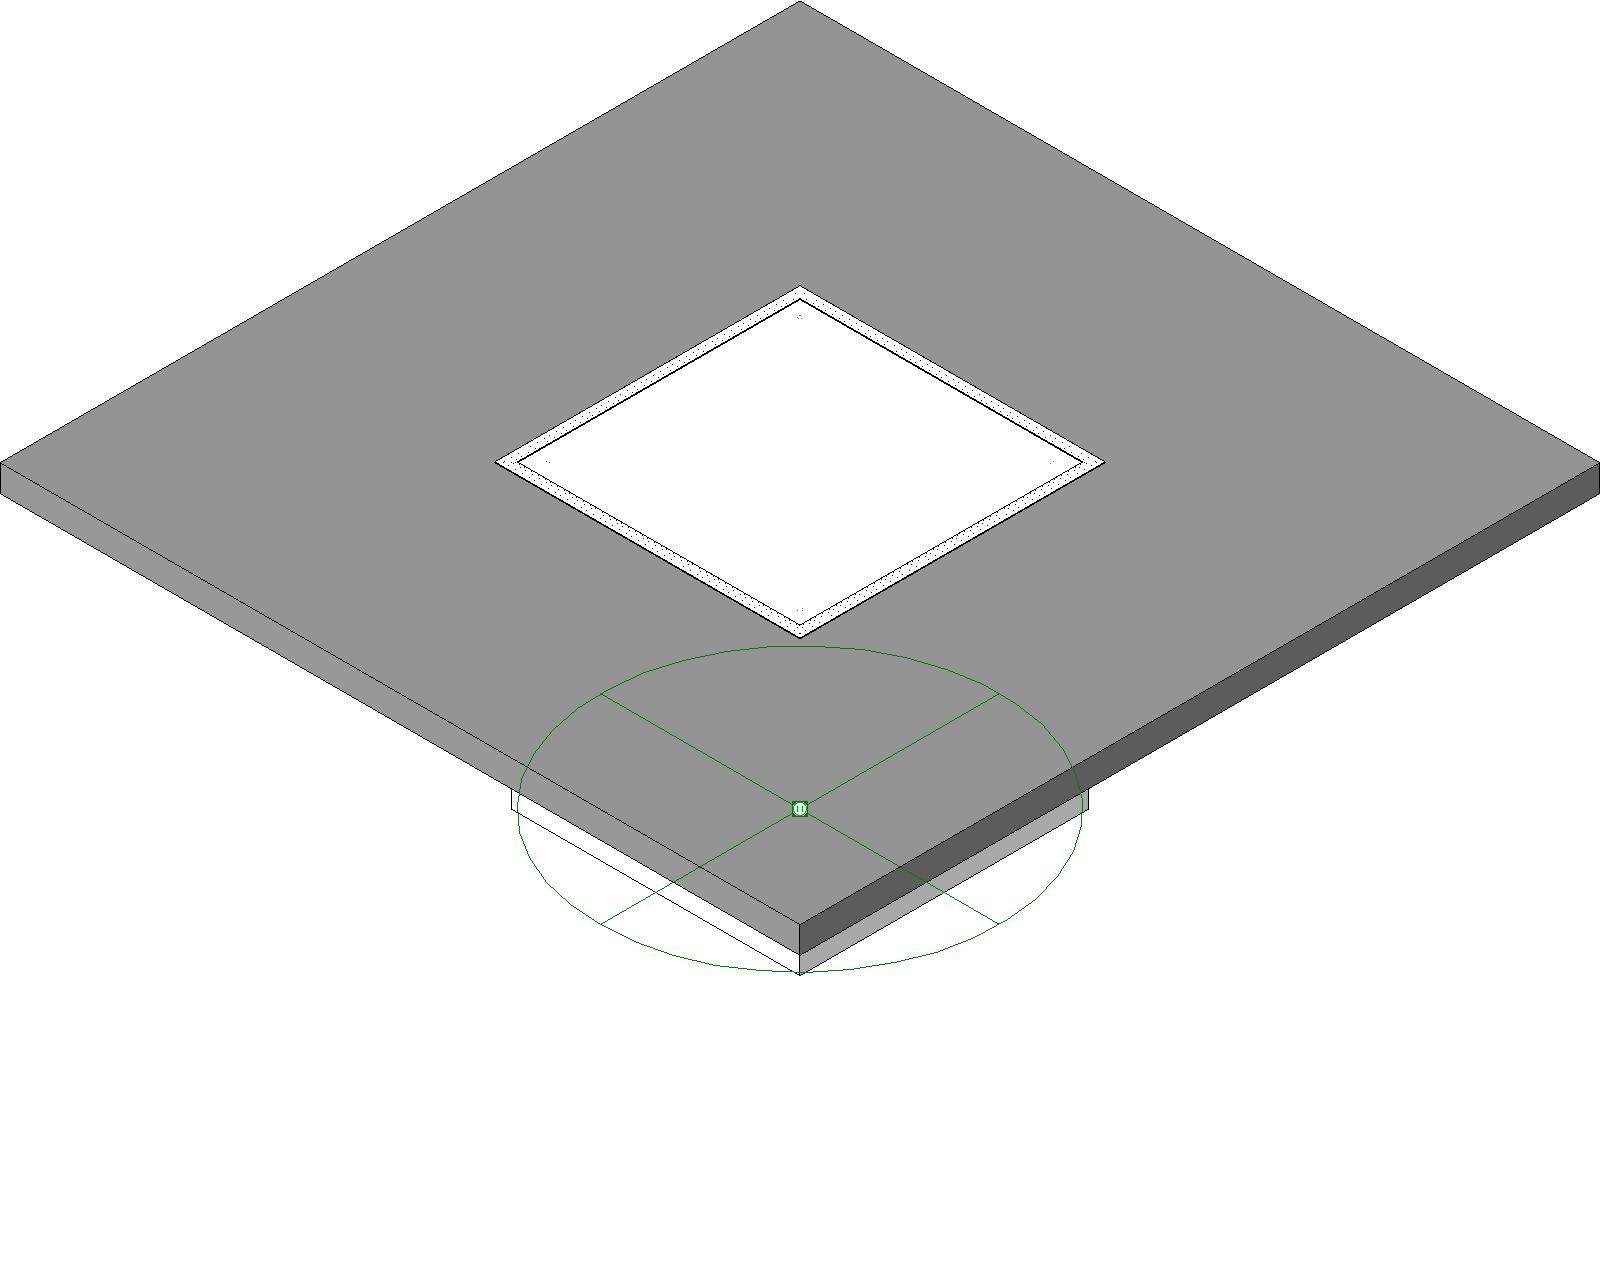 Draper Inc  - BIM Objects / Families